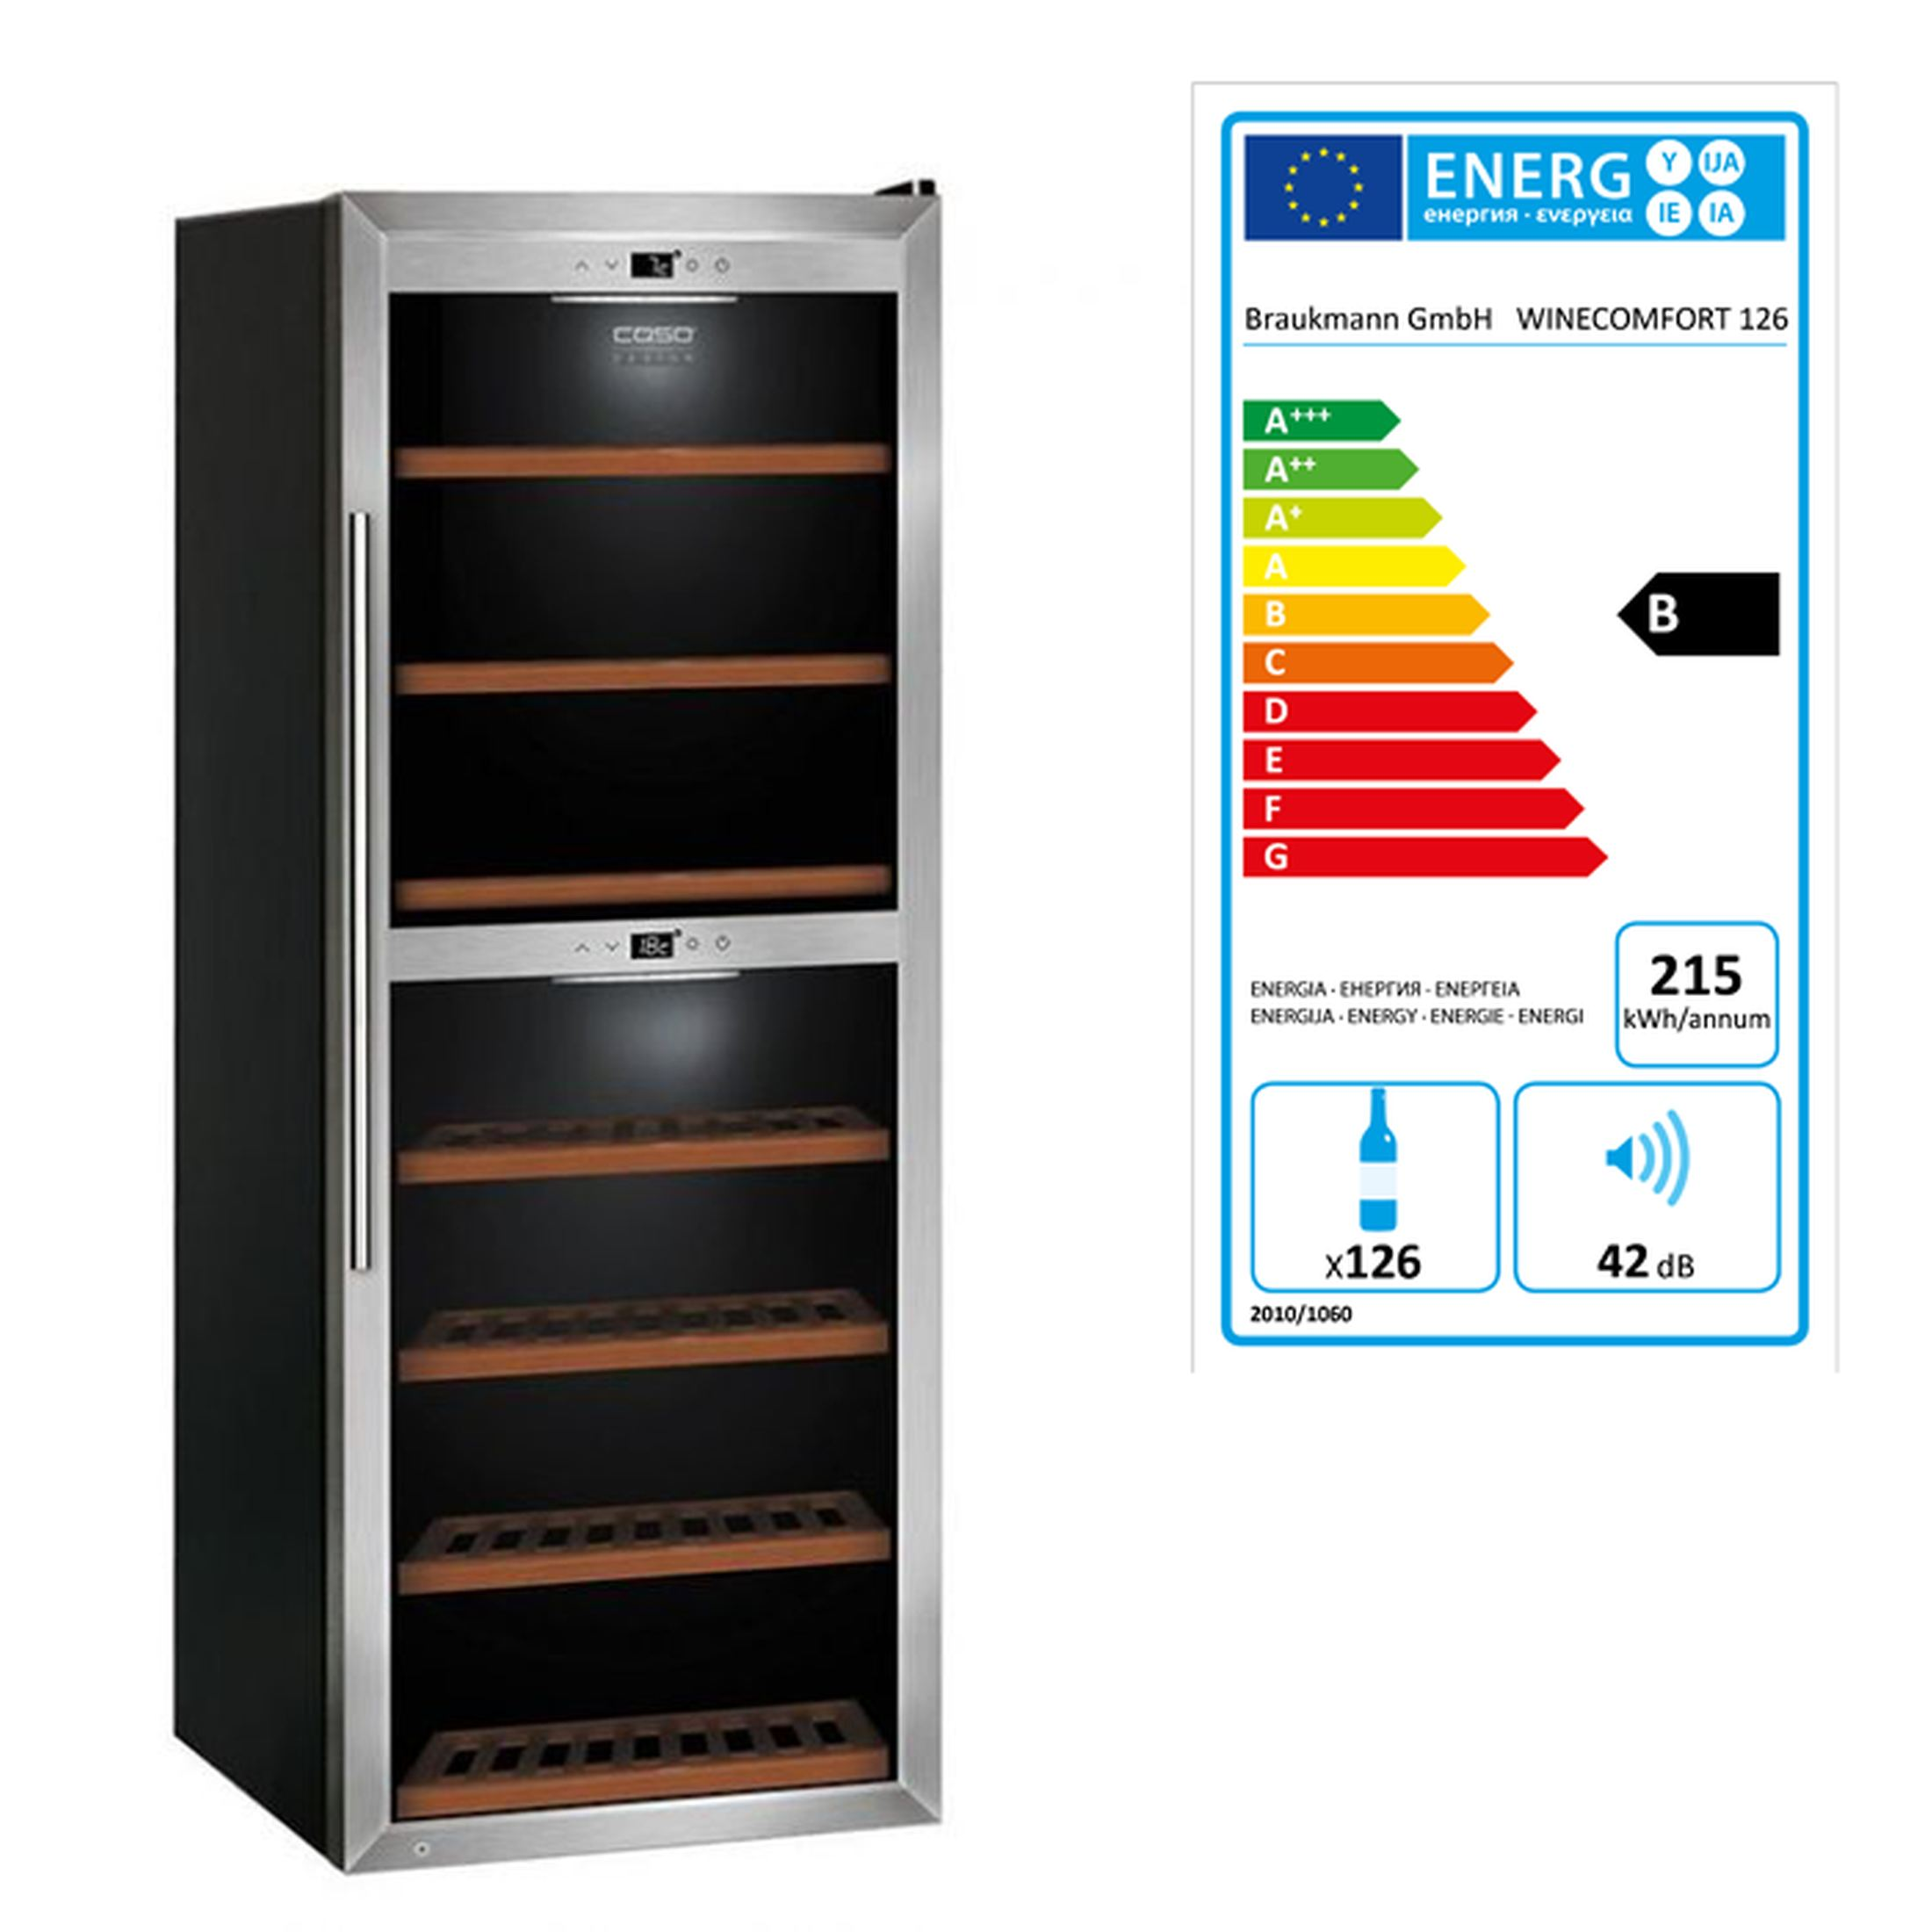 Weinkühlschrank WineMaster 126